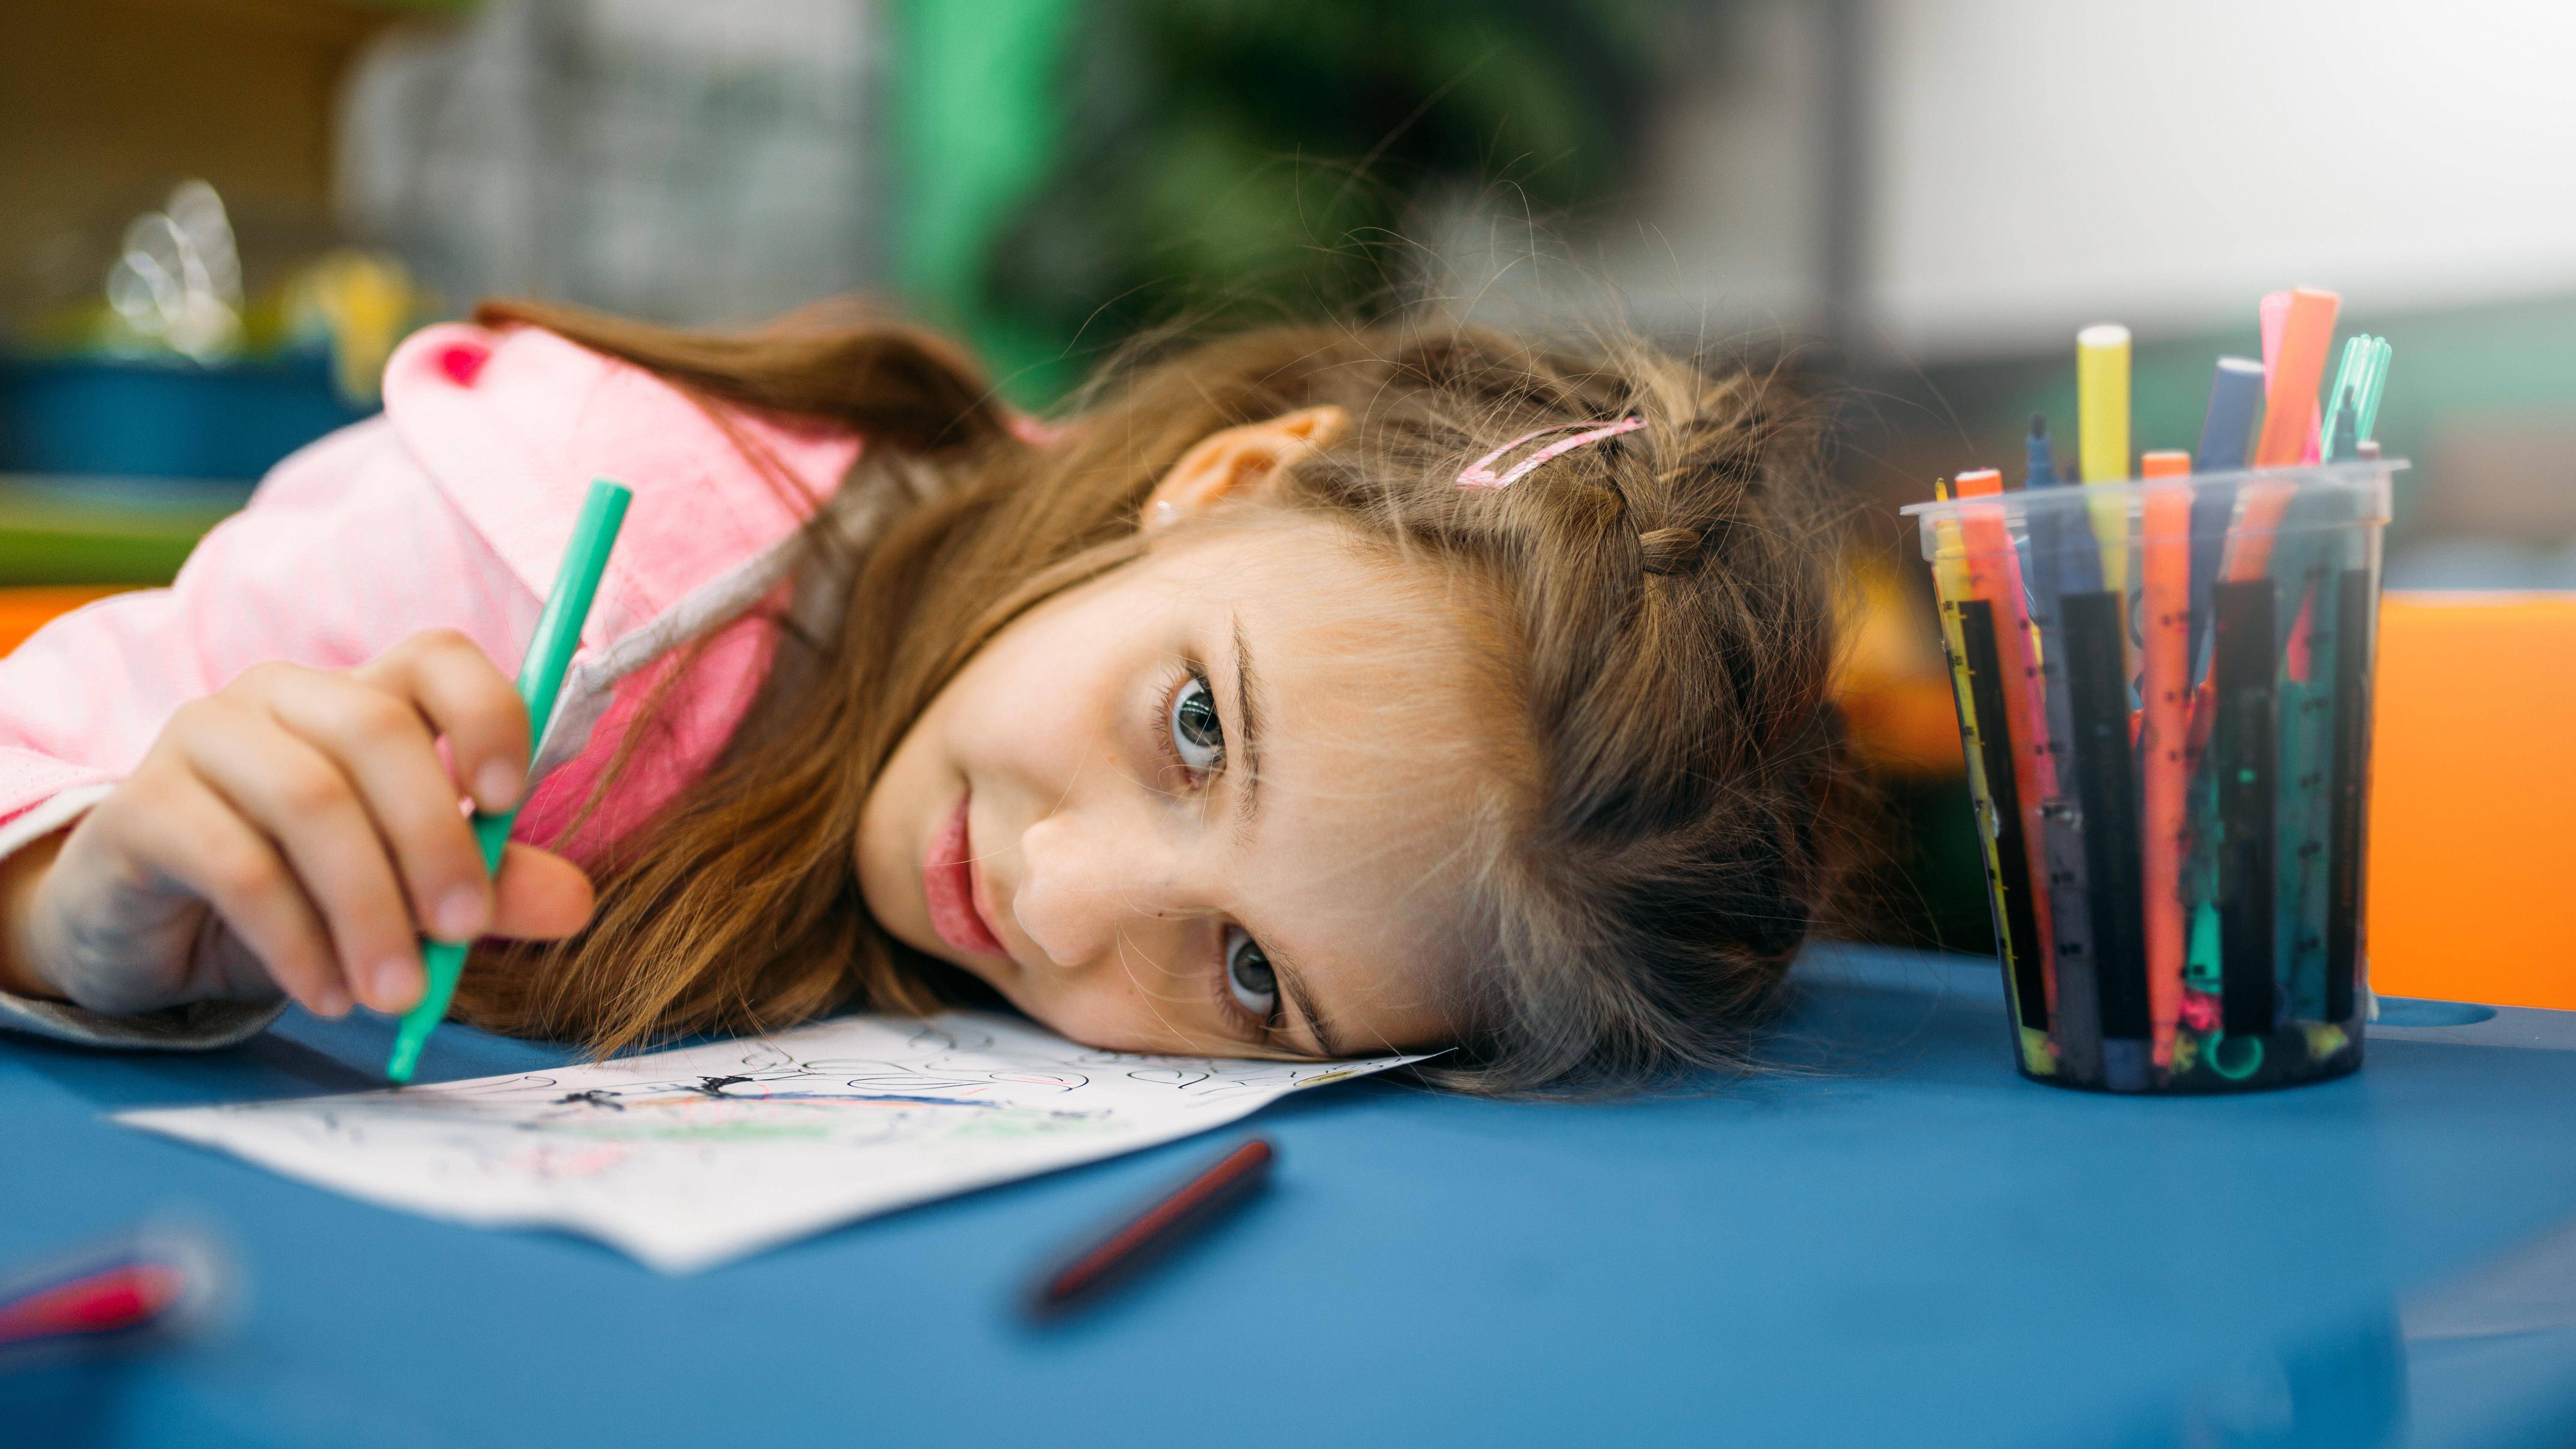 Kind verweigert Hausaufgaben - das können Sie tun